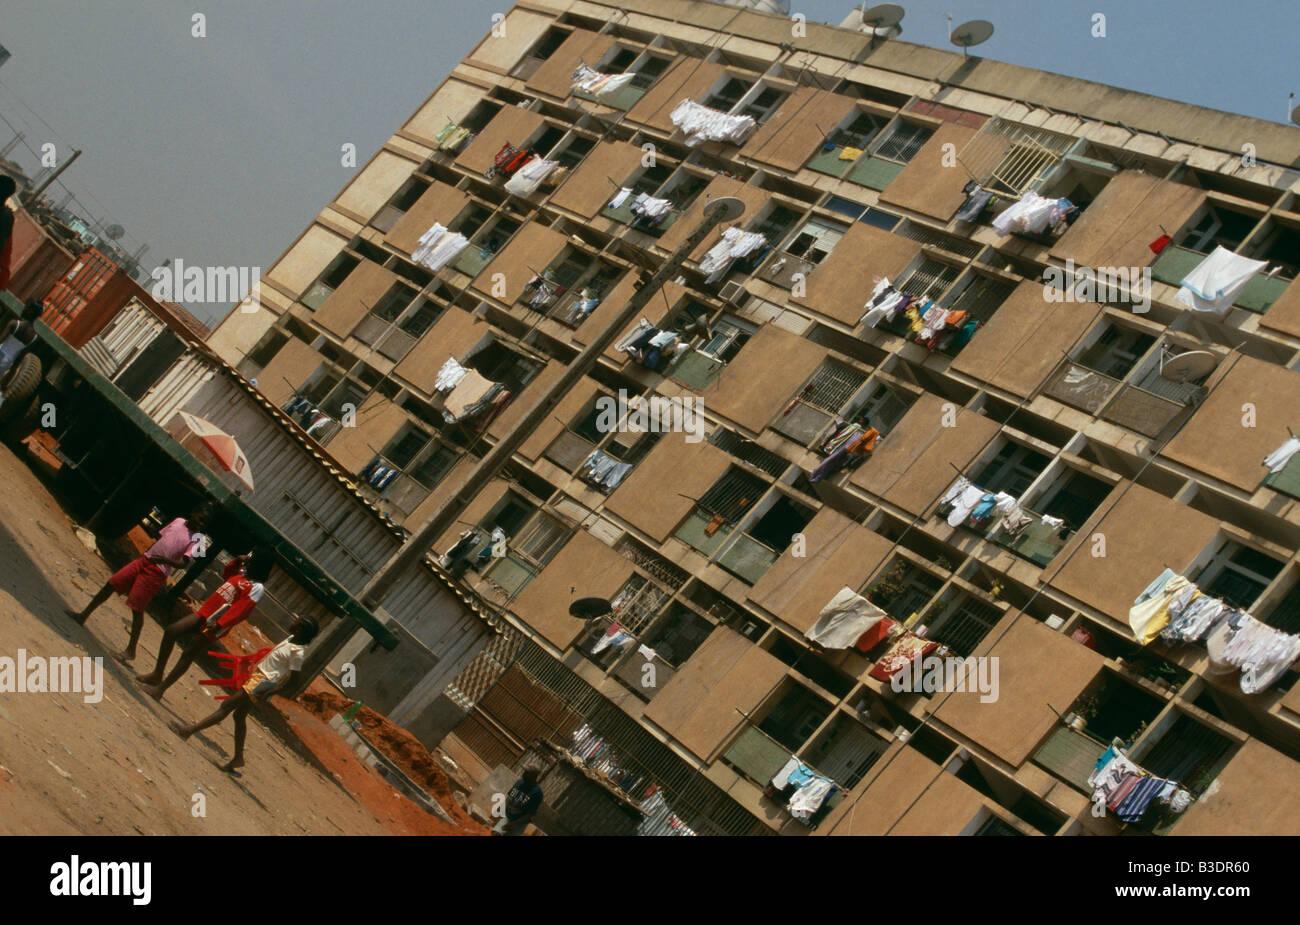 Residential buildings in Luanda, Angola. - Stock Image